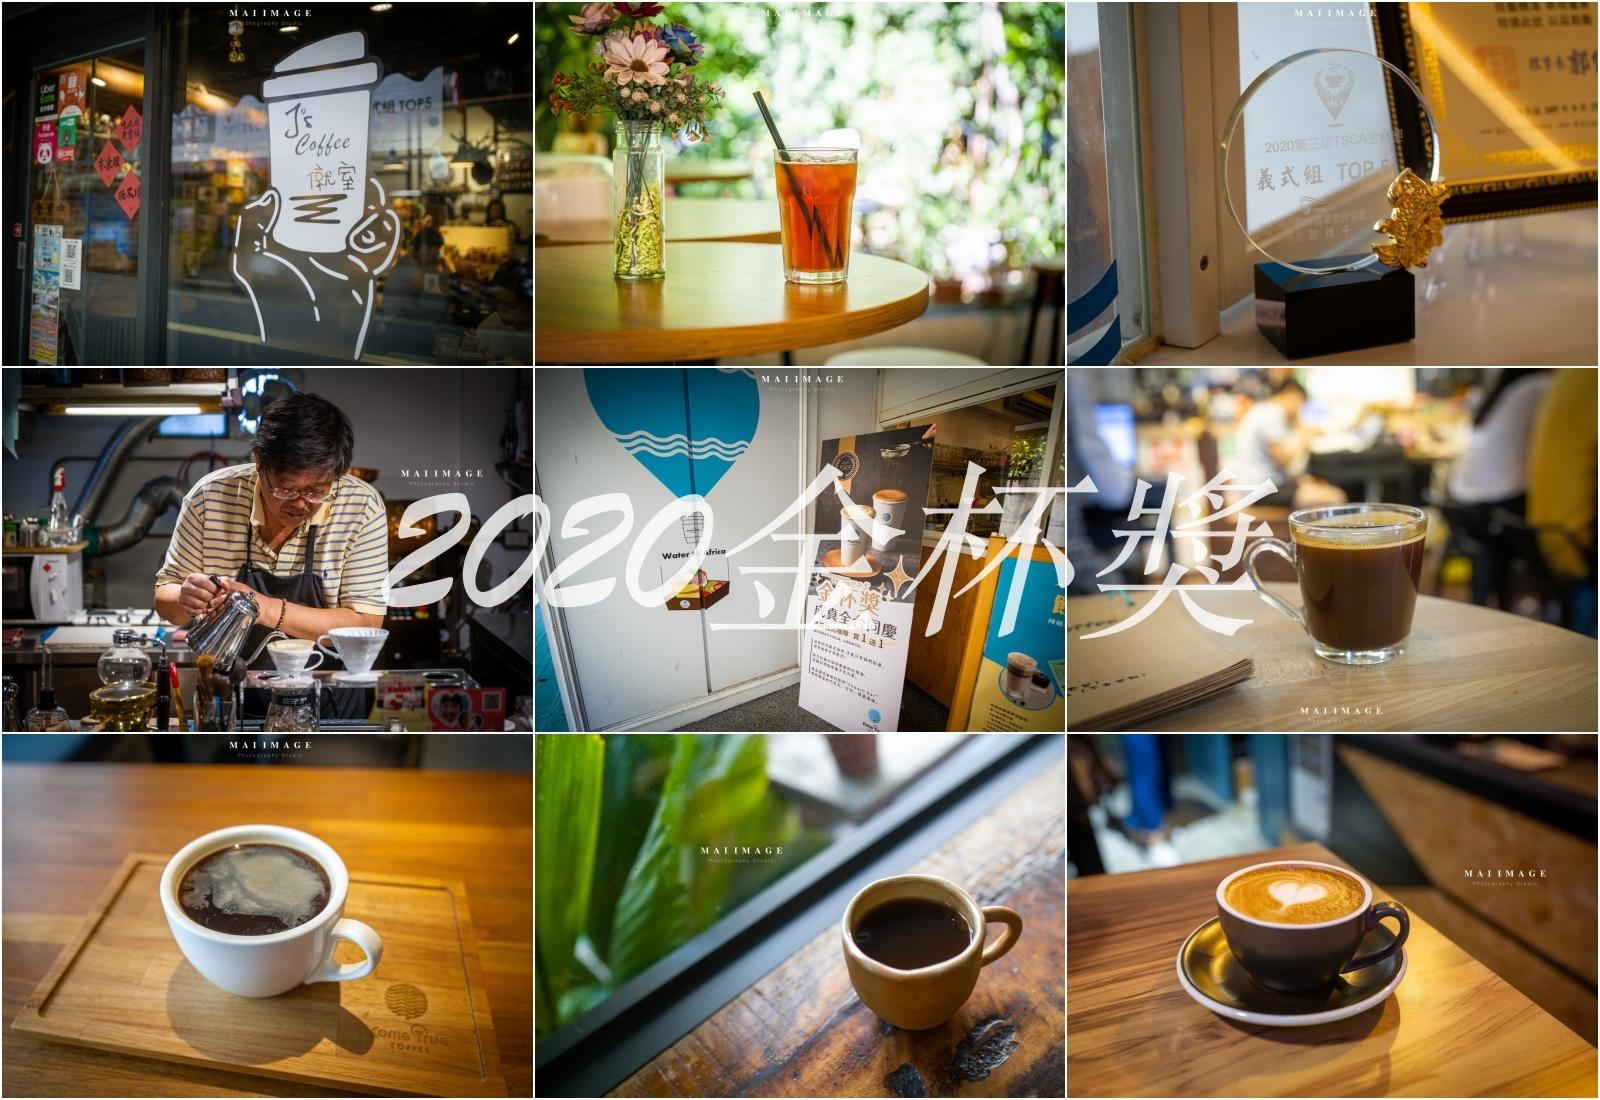 第三屆TSCA金杯獎~2020全台必喝10大咖啡館在這!義式組:森氏工作室、鮮烘咖啡工作室、J's Coffee僦室、米赫斯咖啡、成真咖啡|